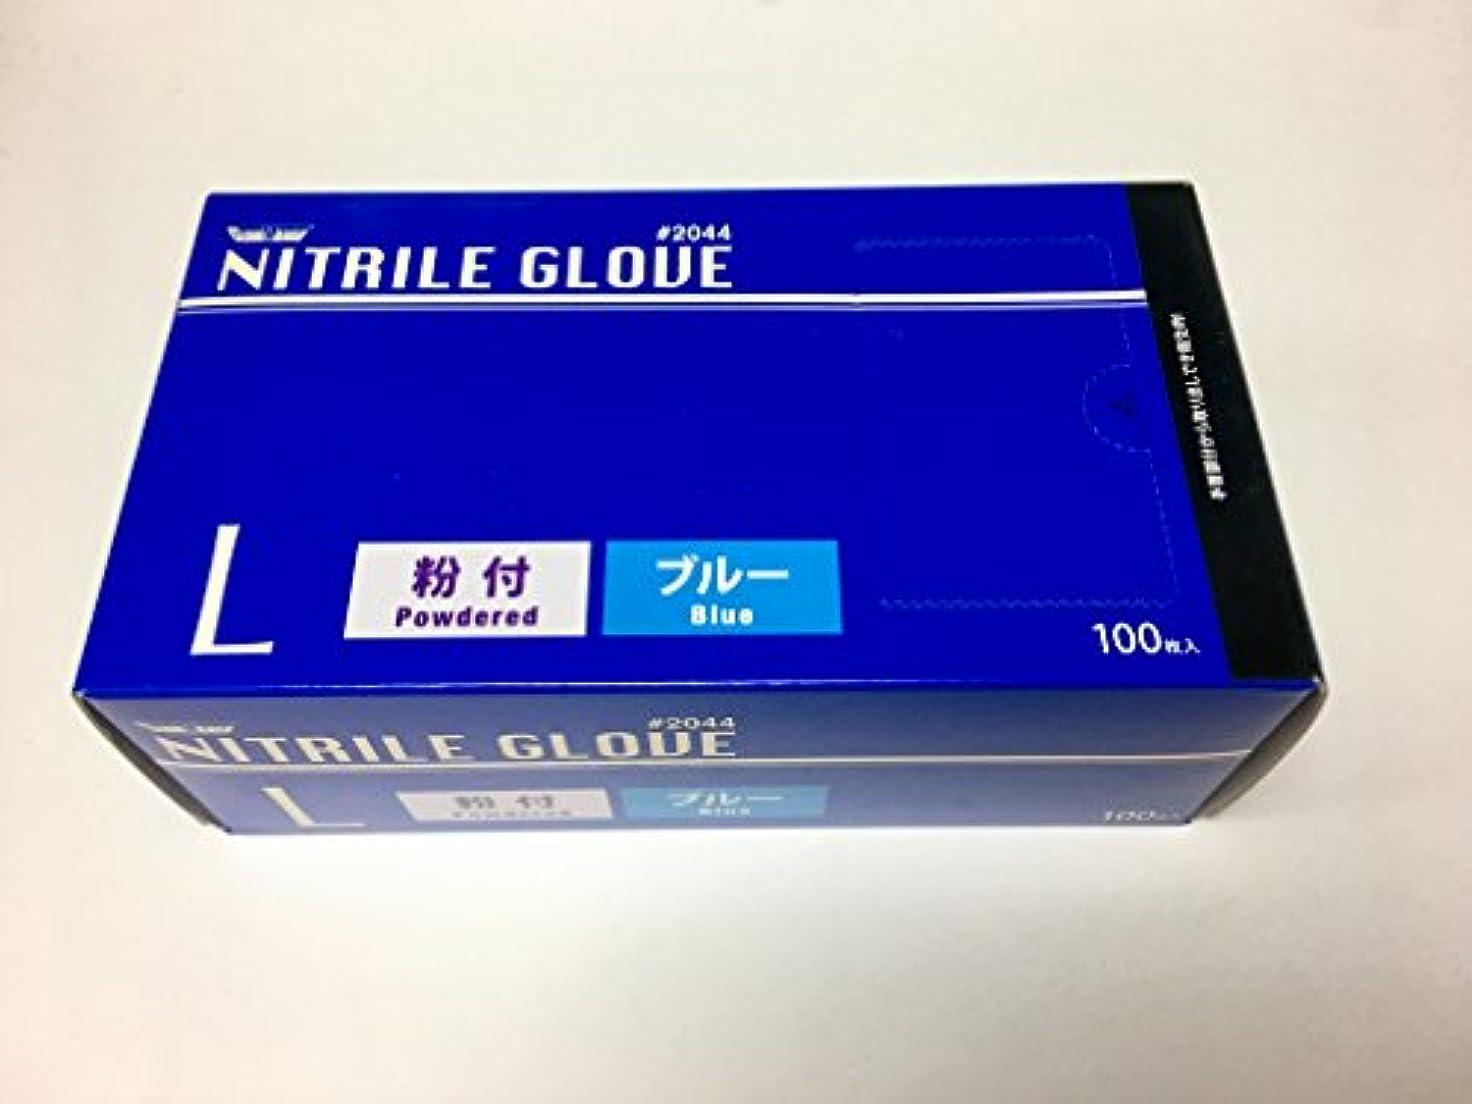 送信するピクニックをするサイト川西工業 ニトリル極薄手袋(粉付き) 2044BL 100 枚×10